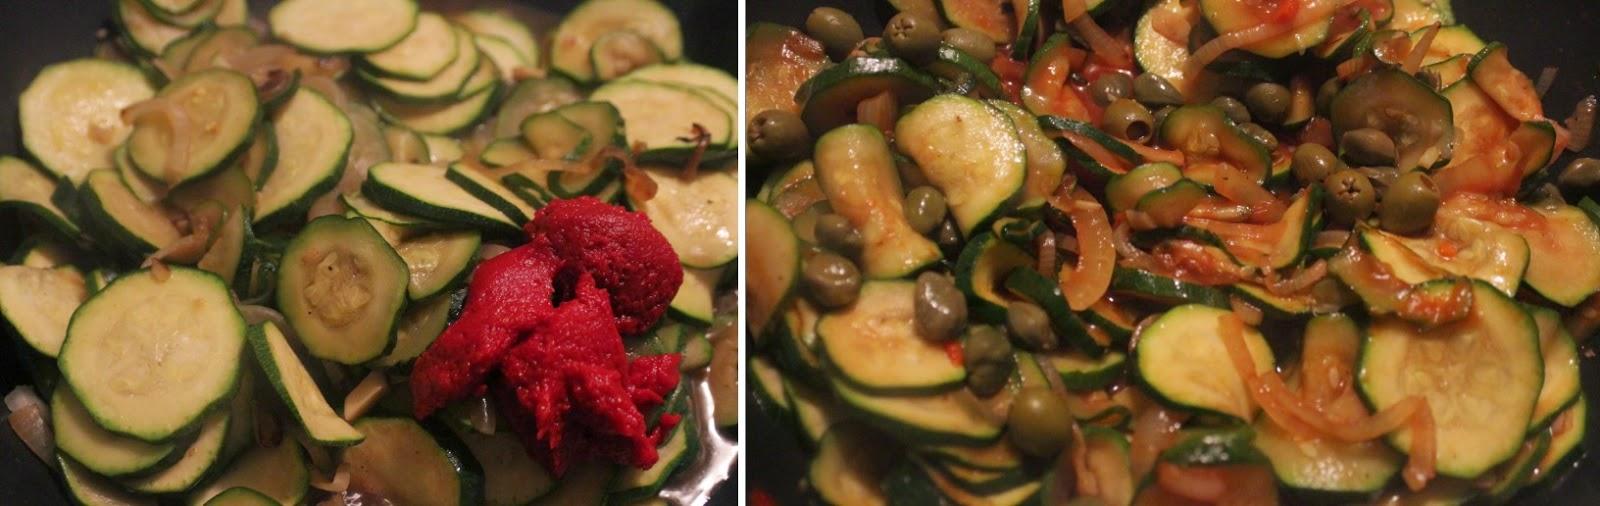 kuchnia świata, maltańska kuchnia, cukinie w sosie, qarabali biz-zalza pikkanti